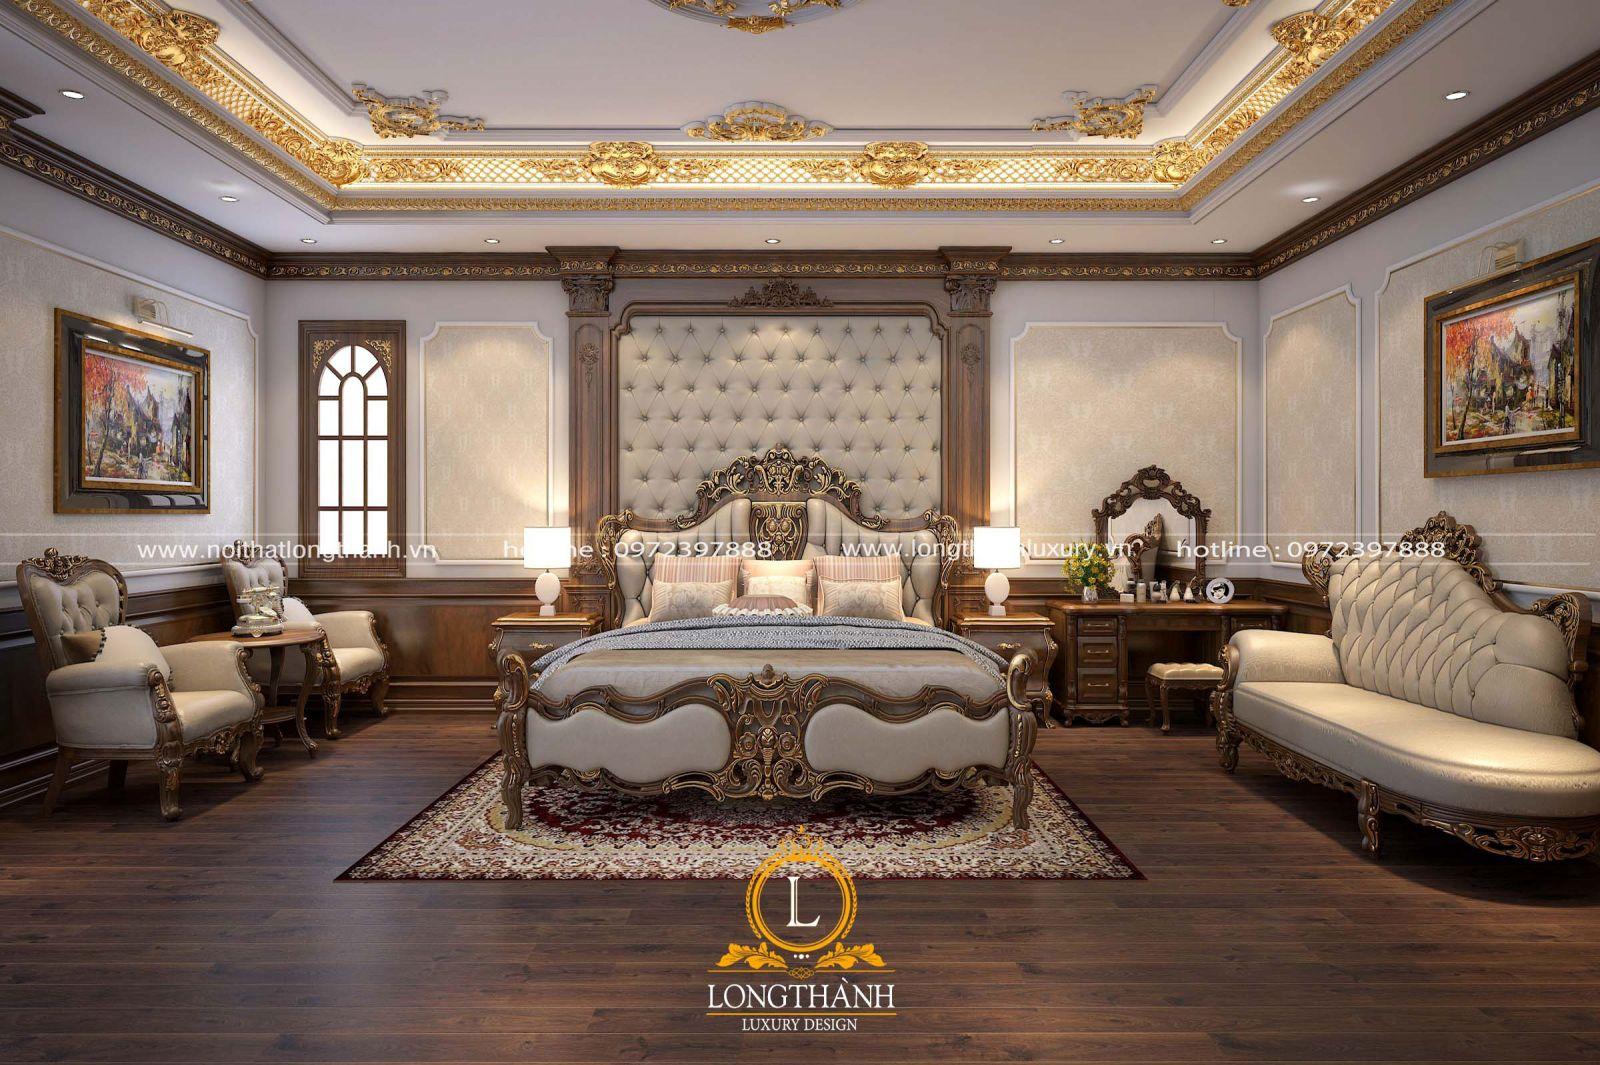 Bố cục tranh treo tường phòng ngủ với 2 bức tranh được đặt đối xứng nhau